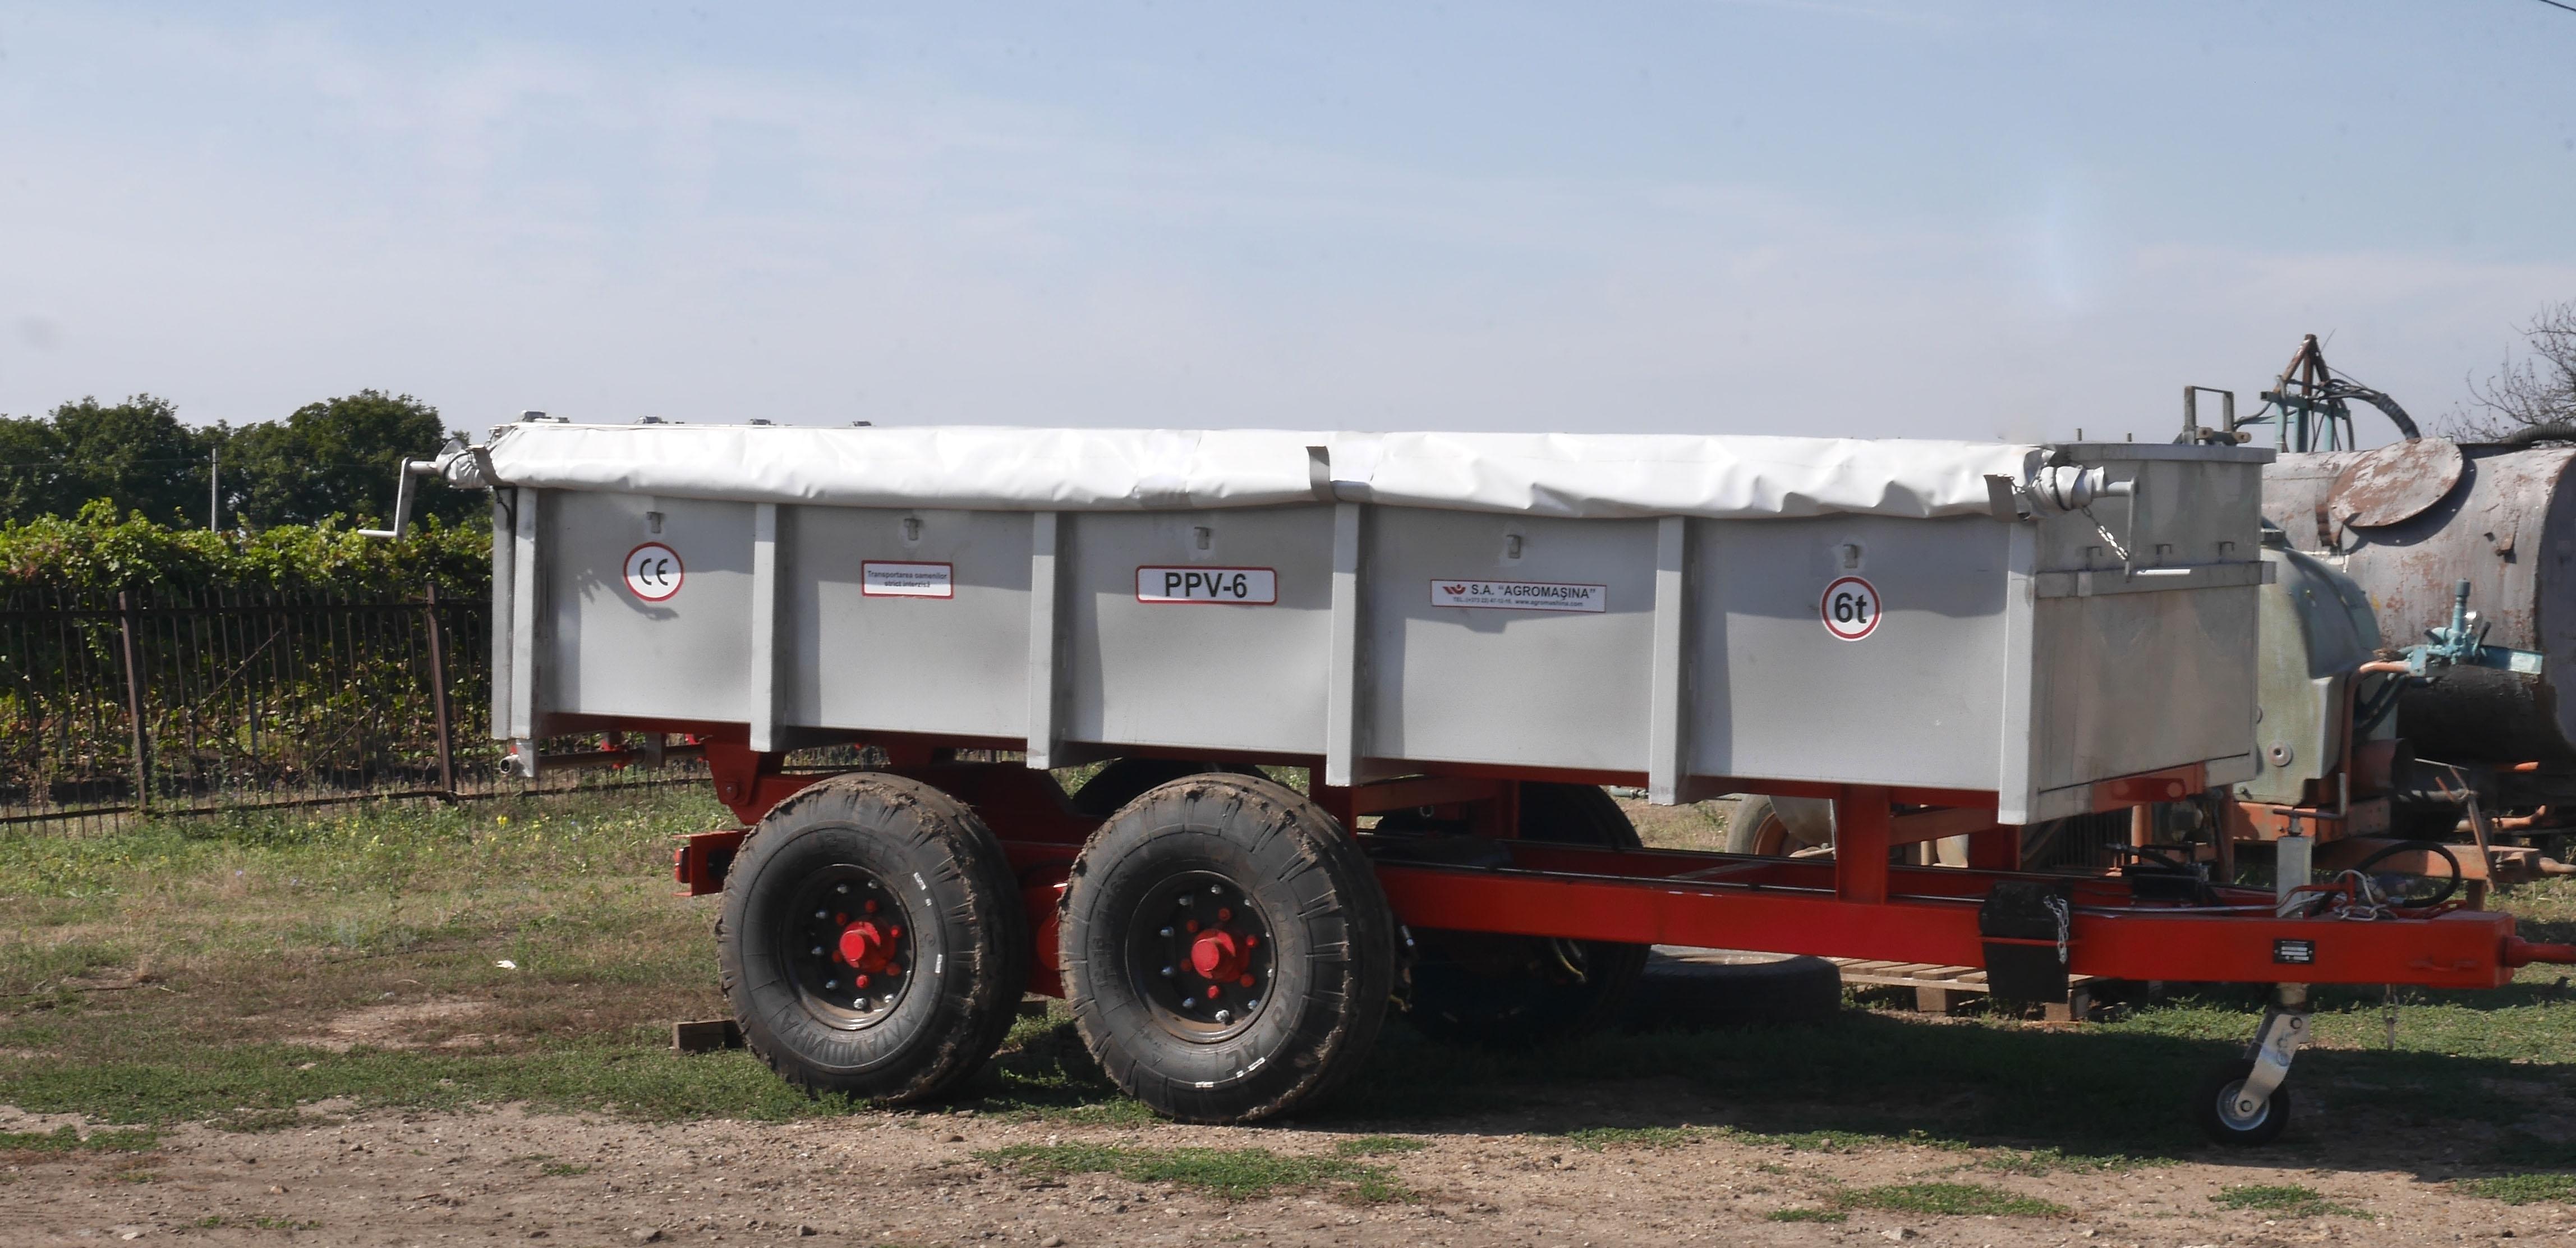 Semiremorca pentru transportarea strugurilor PPV-6 (6t) - Image 2